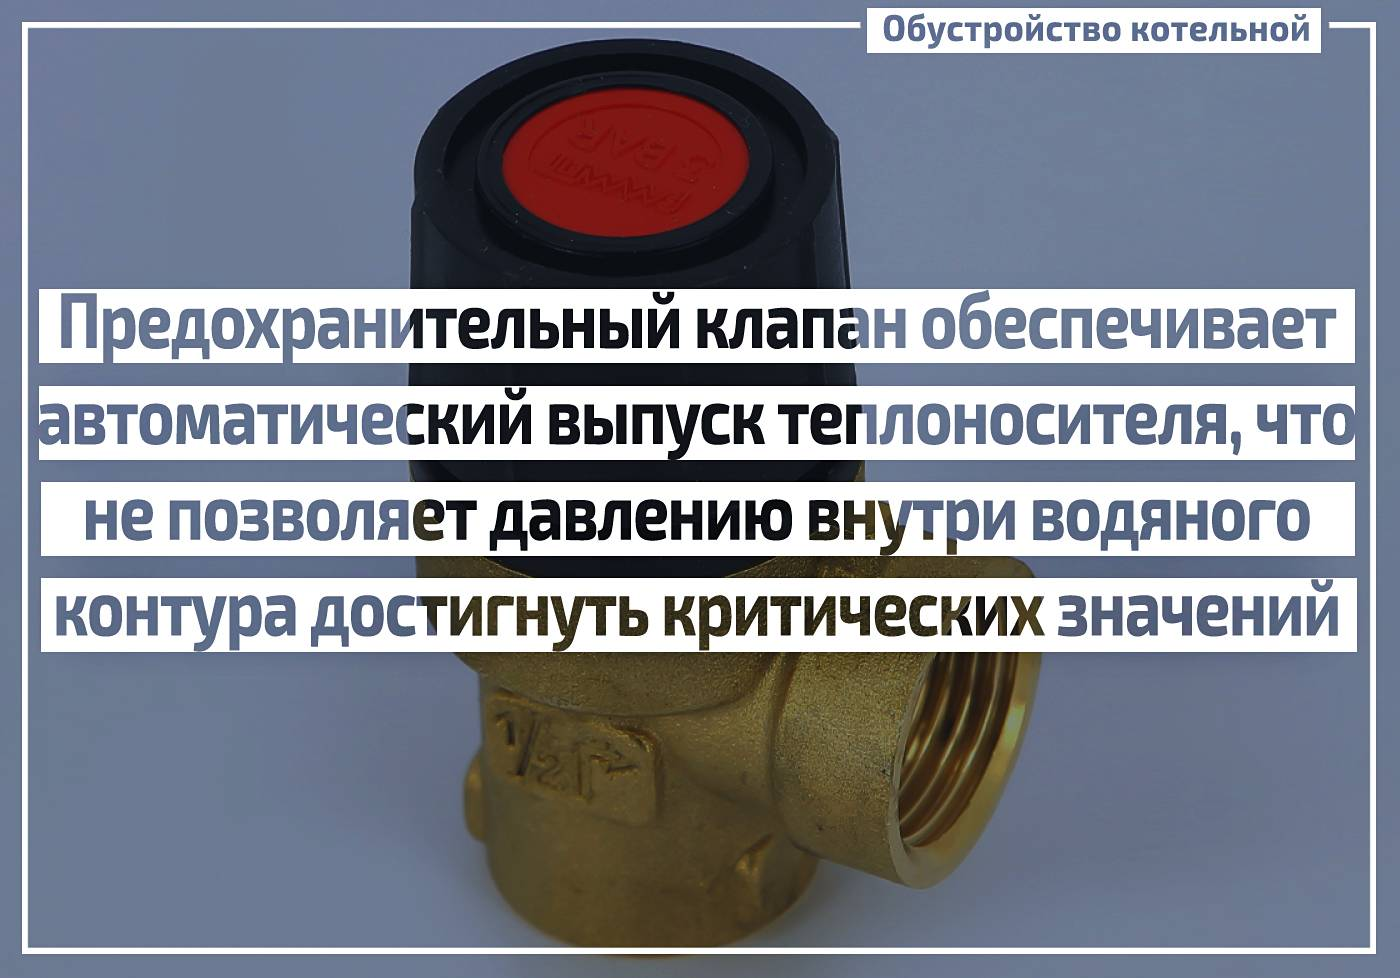 Предохранительный клапан в системе отопления: конструктивные особенности и принцип действия